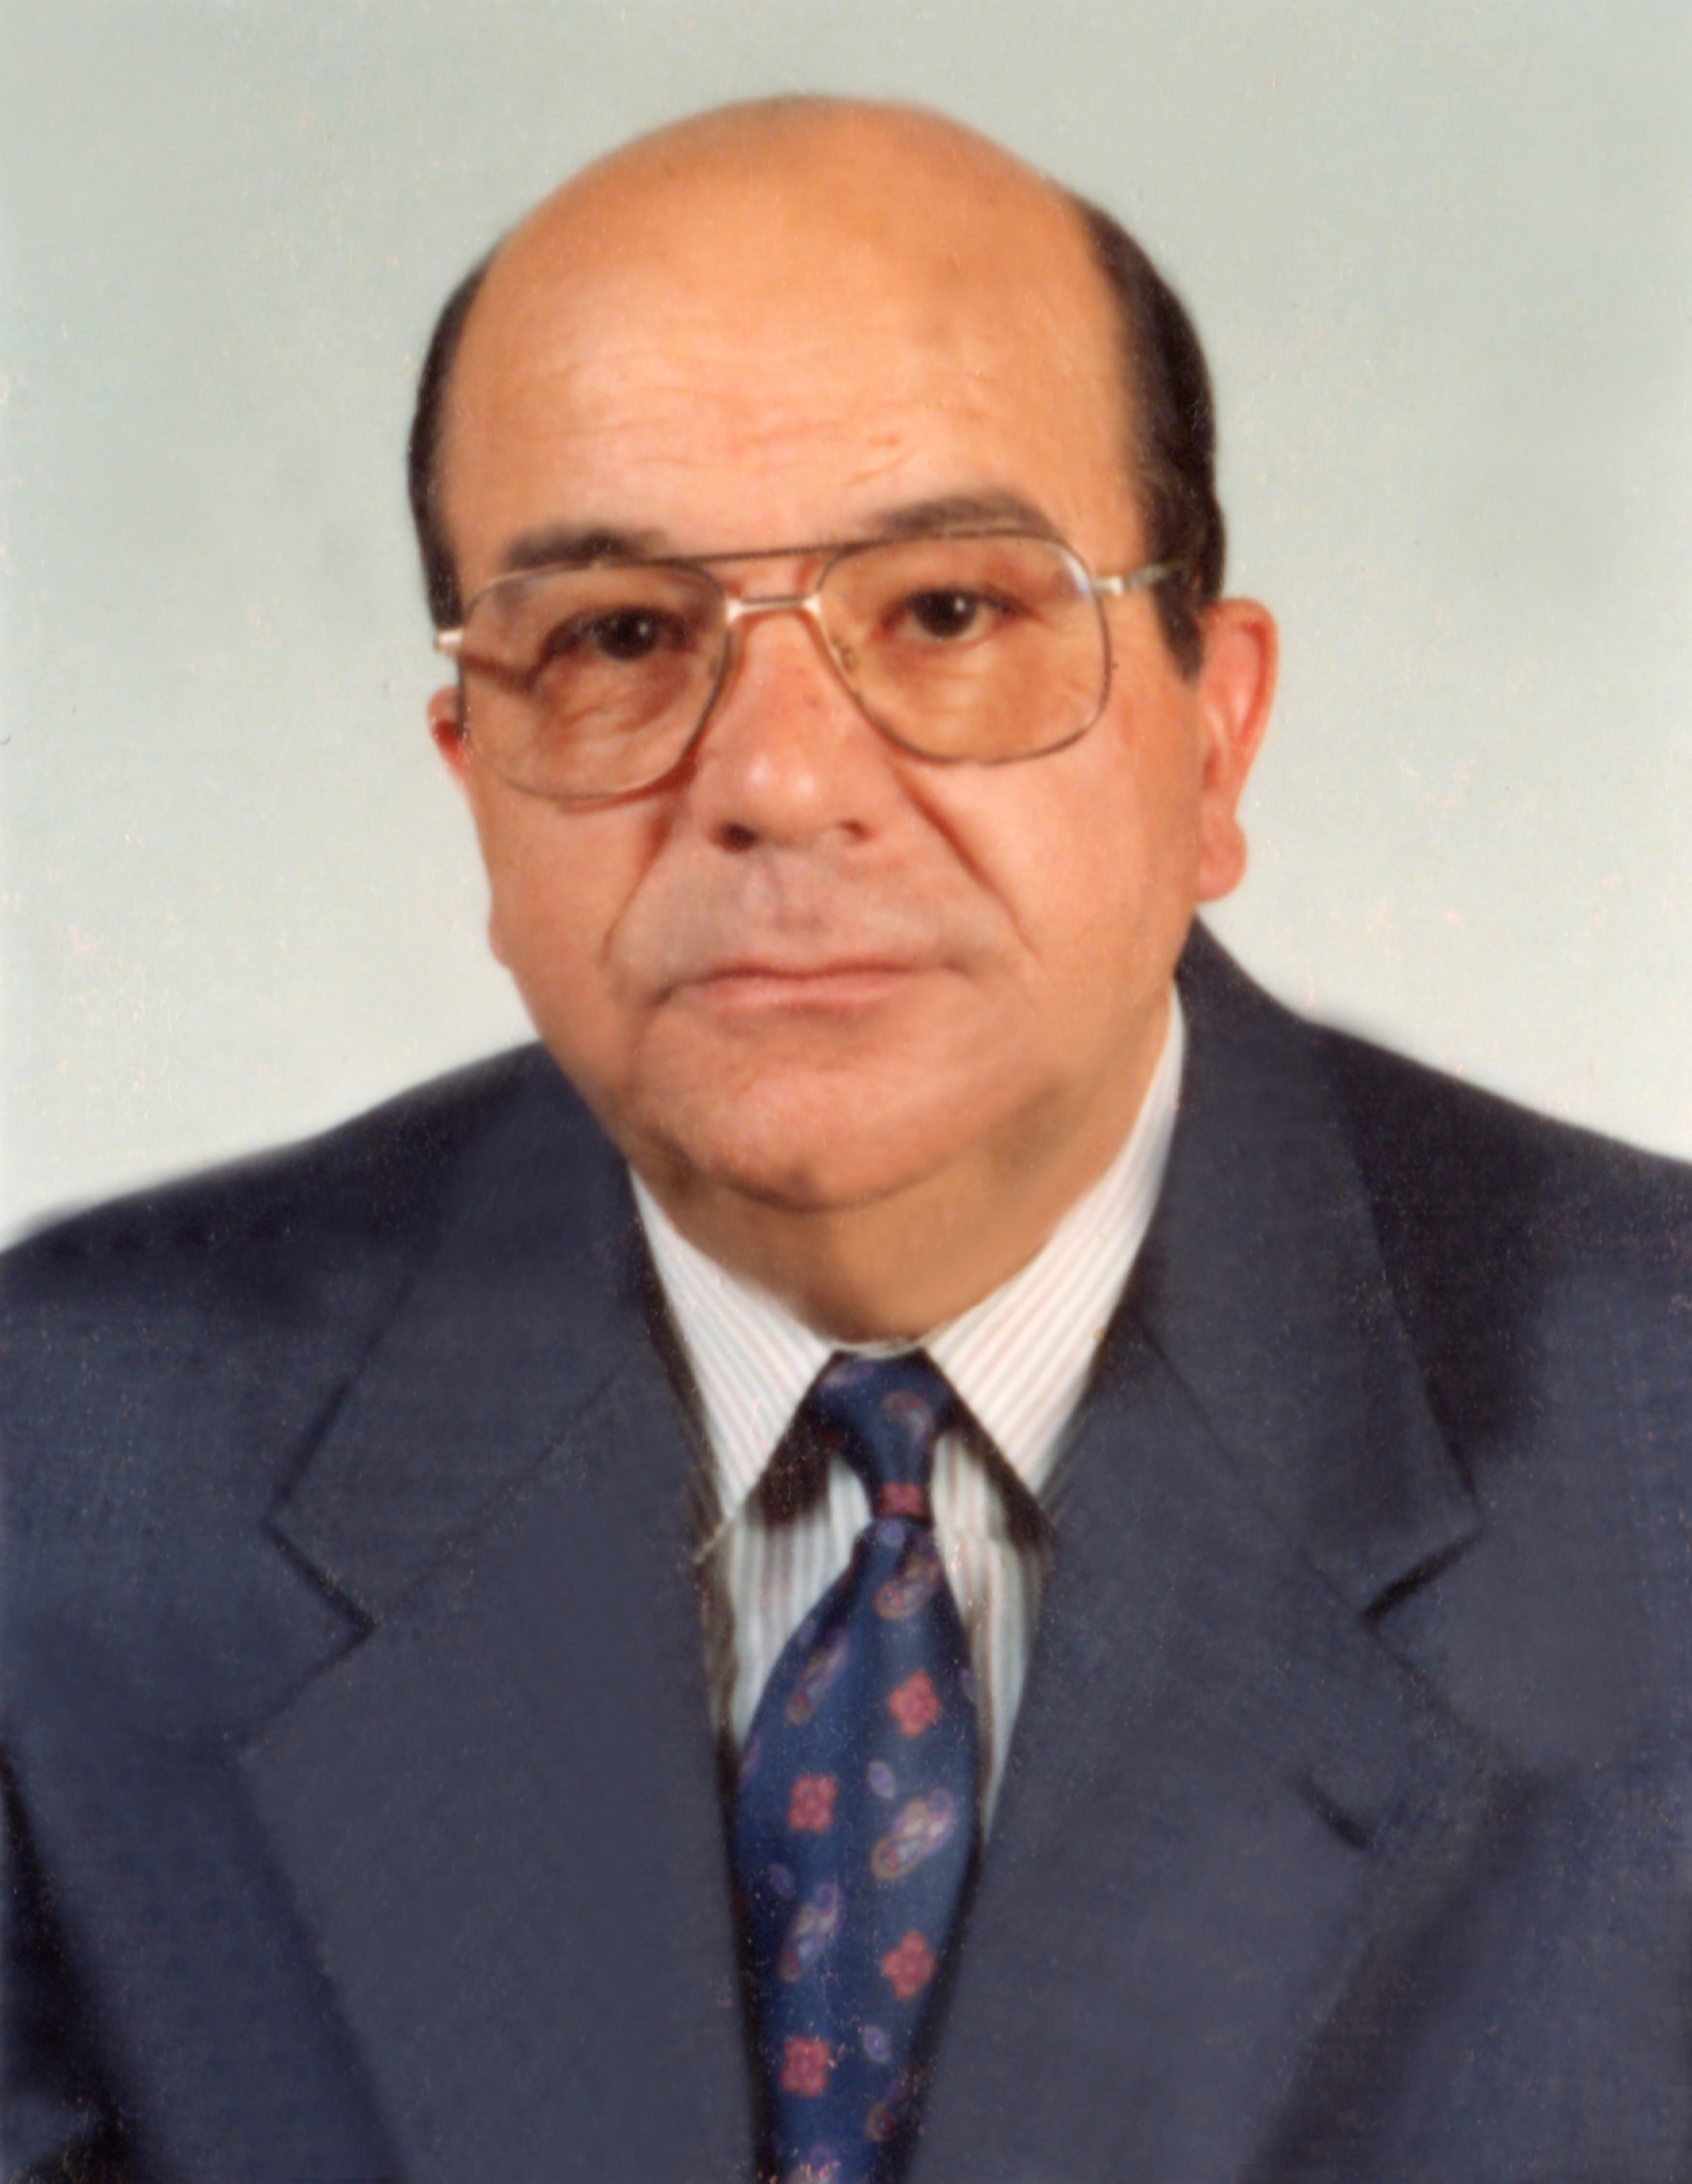 Alvaro José Lopes Rodrigues (12/1/1980 a 31/12/1982)